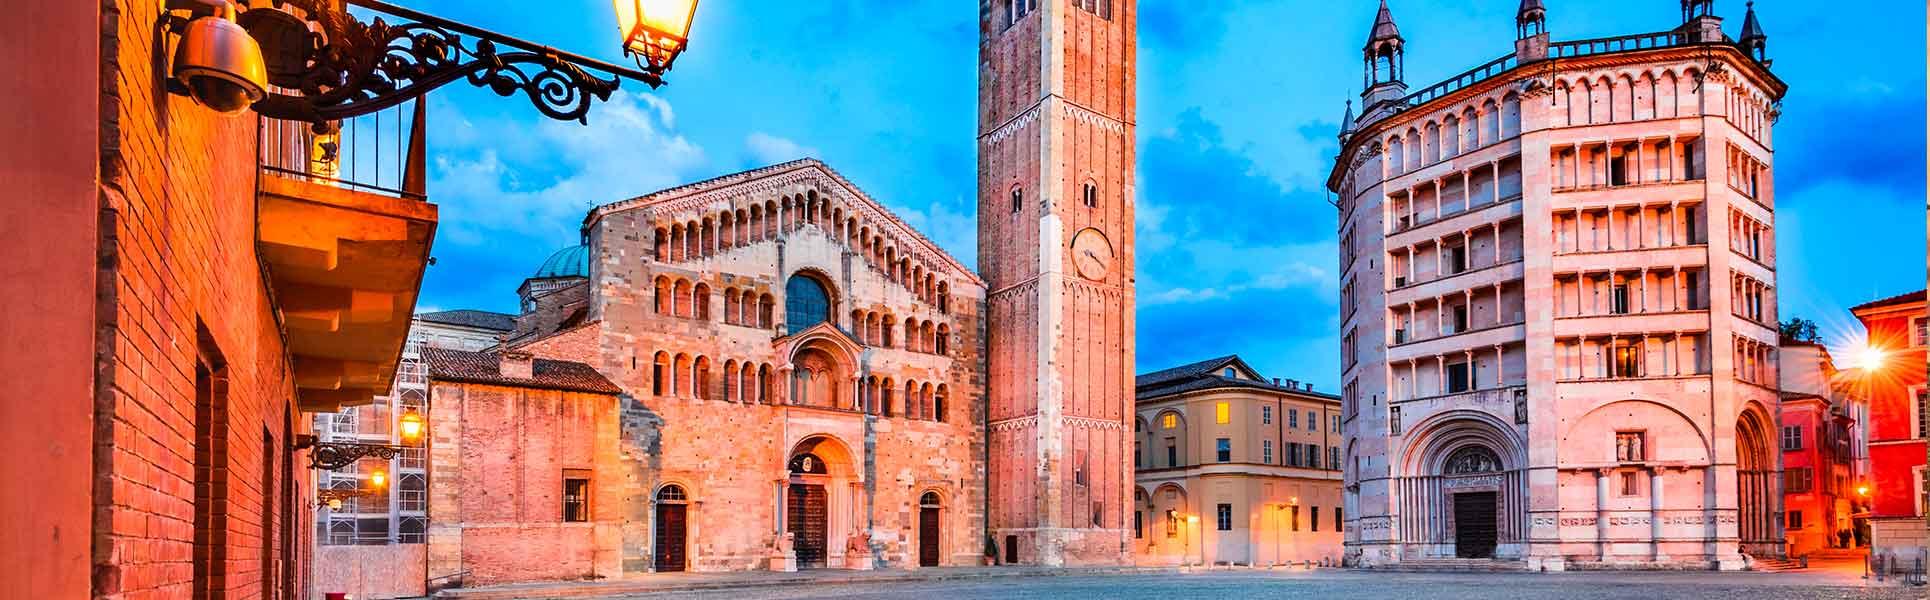 Consolidamento Fondazionia Parma